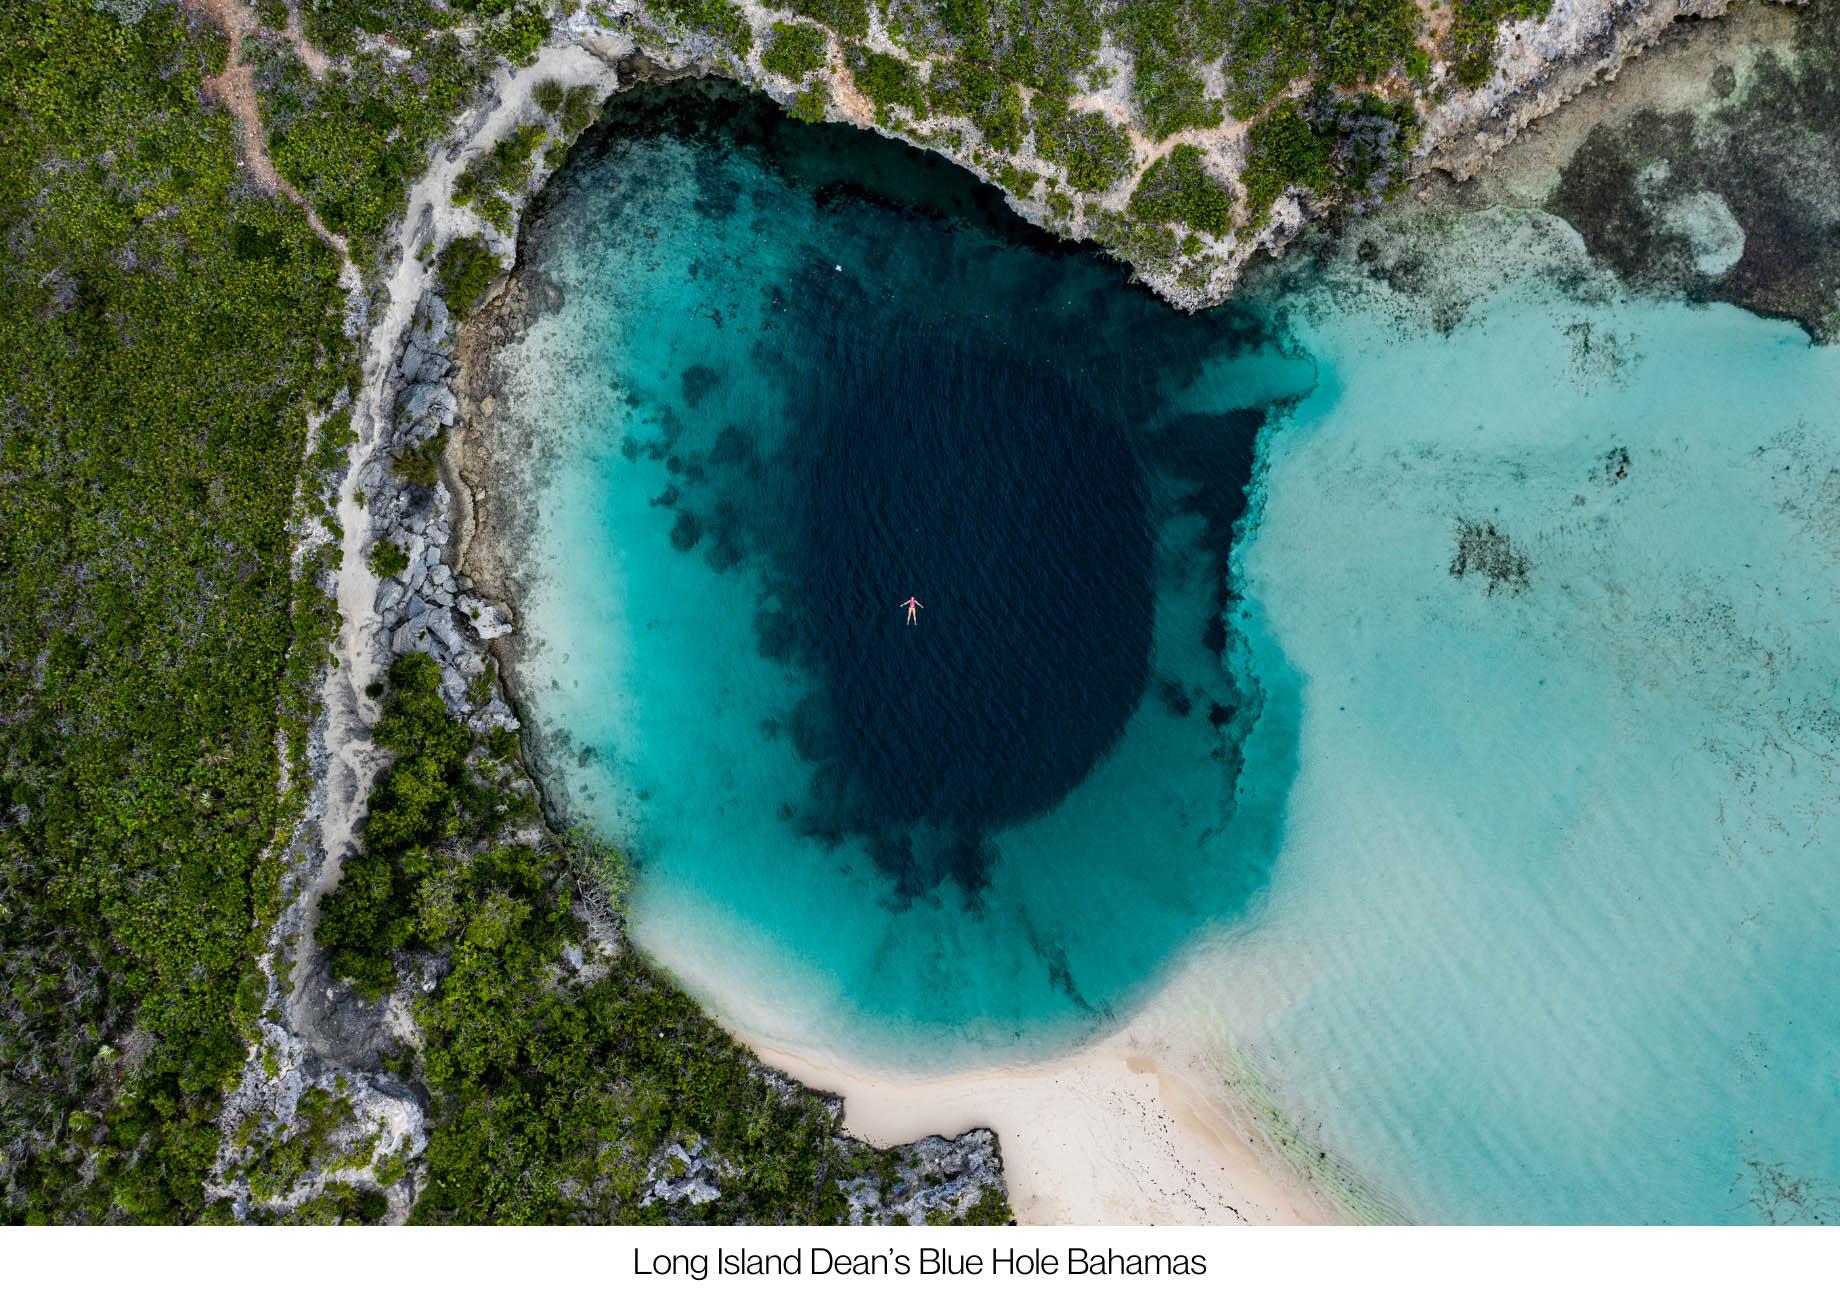 Discover The Hidden Island Gems of The Bahamas - Long Island Dean's Blue Hole Bahamas